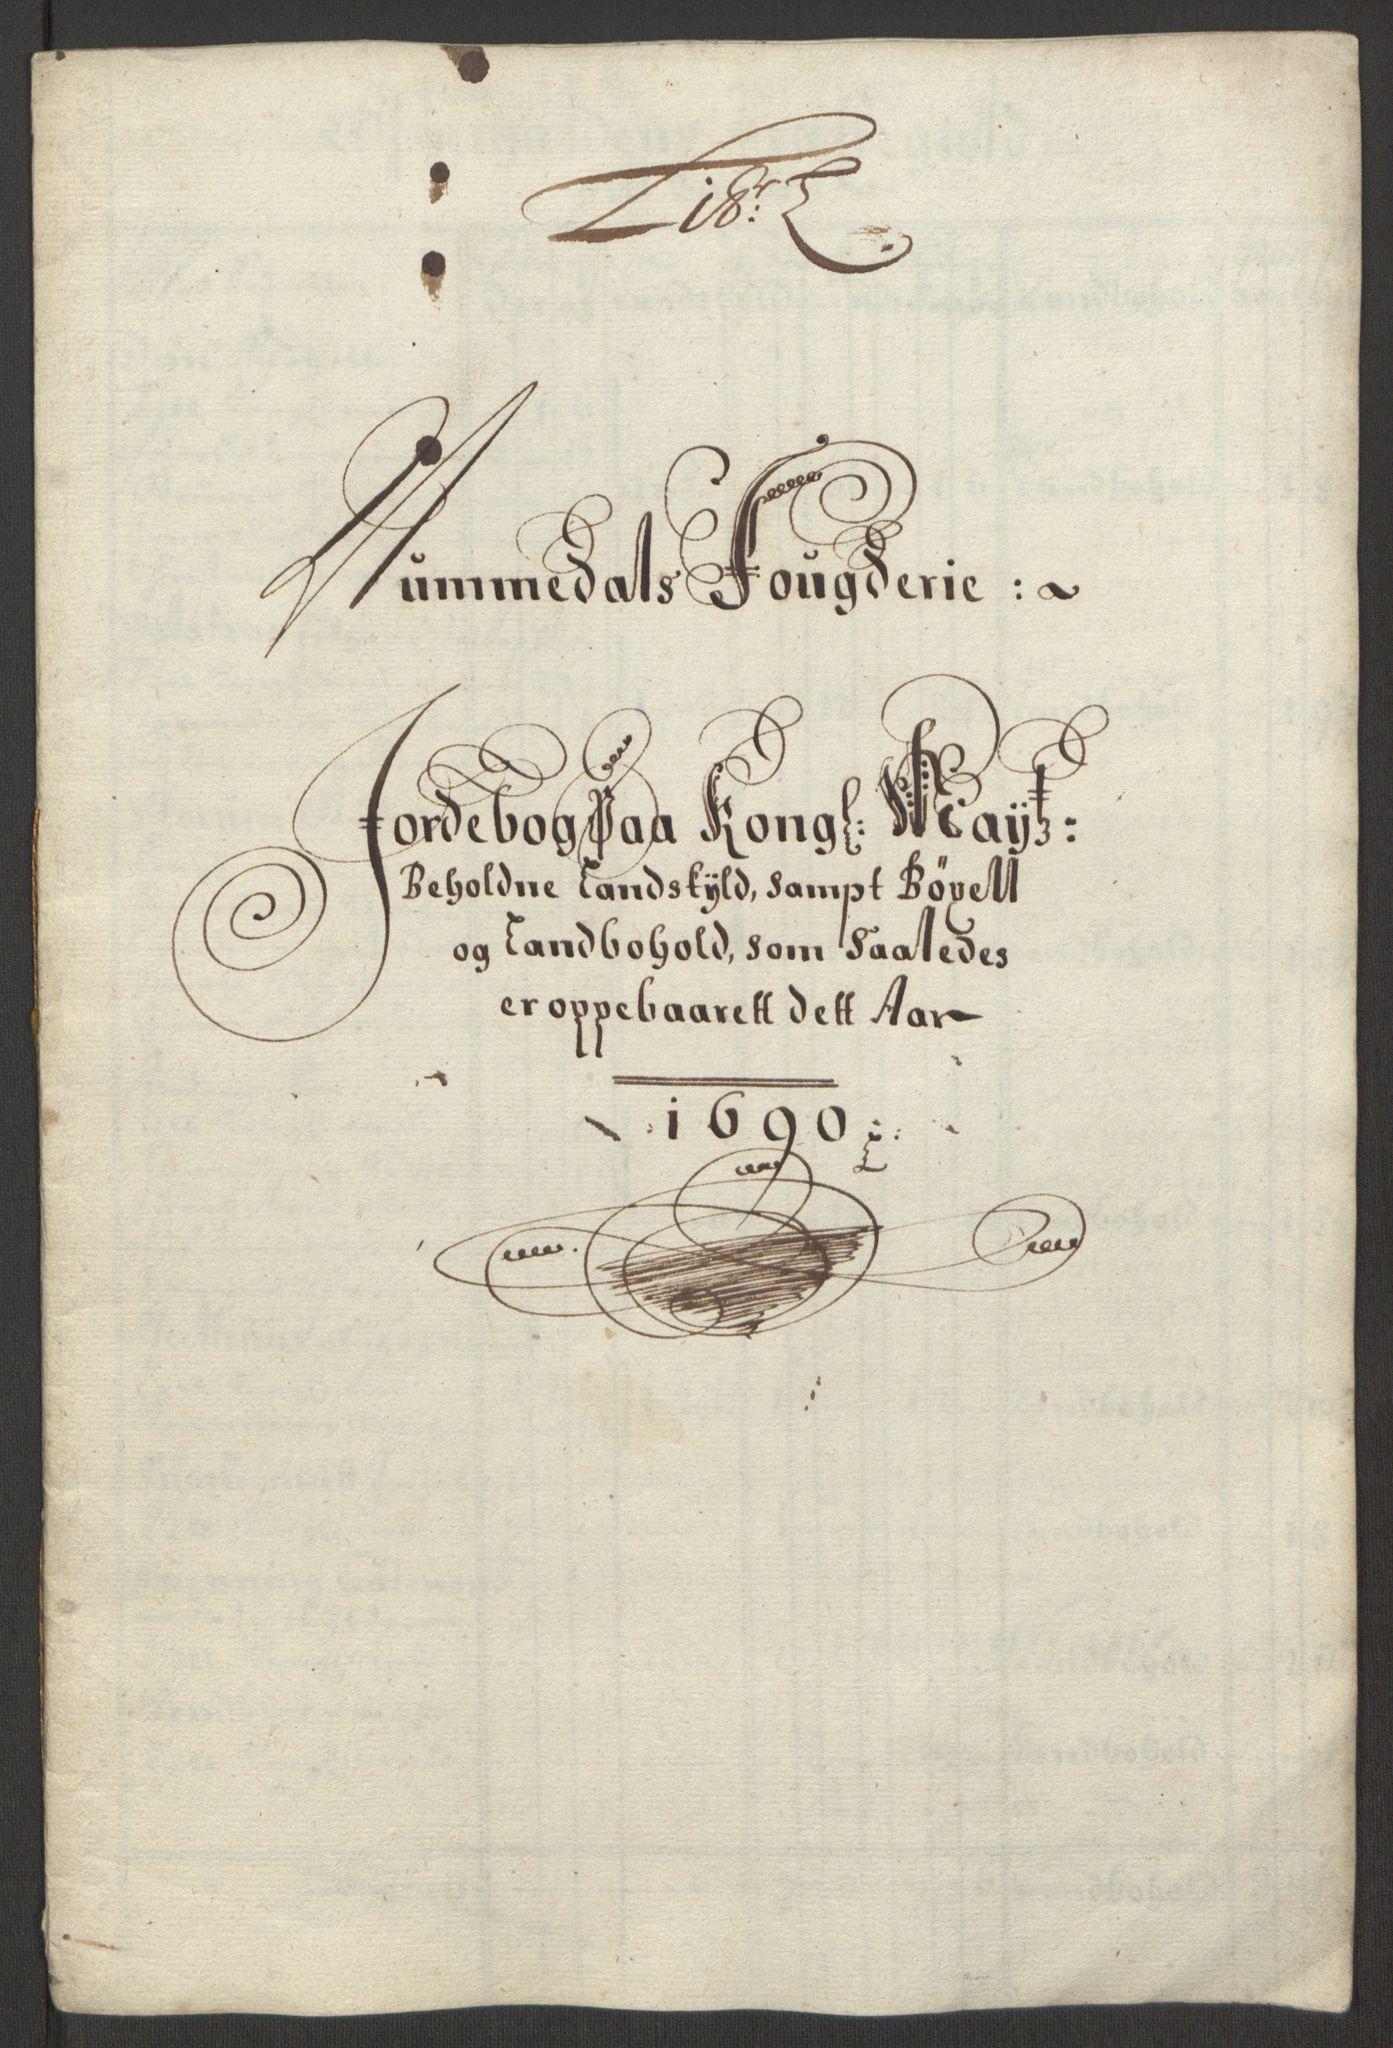 RA, Rentekammeret inntil 1814, Reviderte regnskaper, Fogderegnskap, R64/L4423: Fogderegnskap Namdal, 1690-1691, s. 72